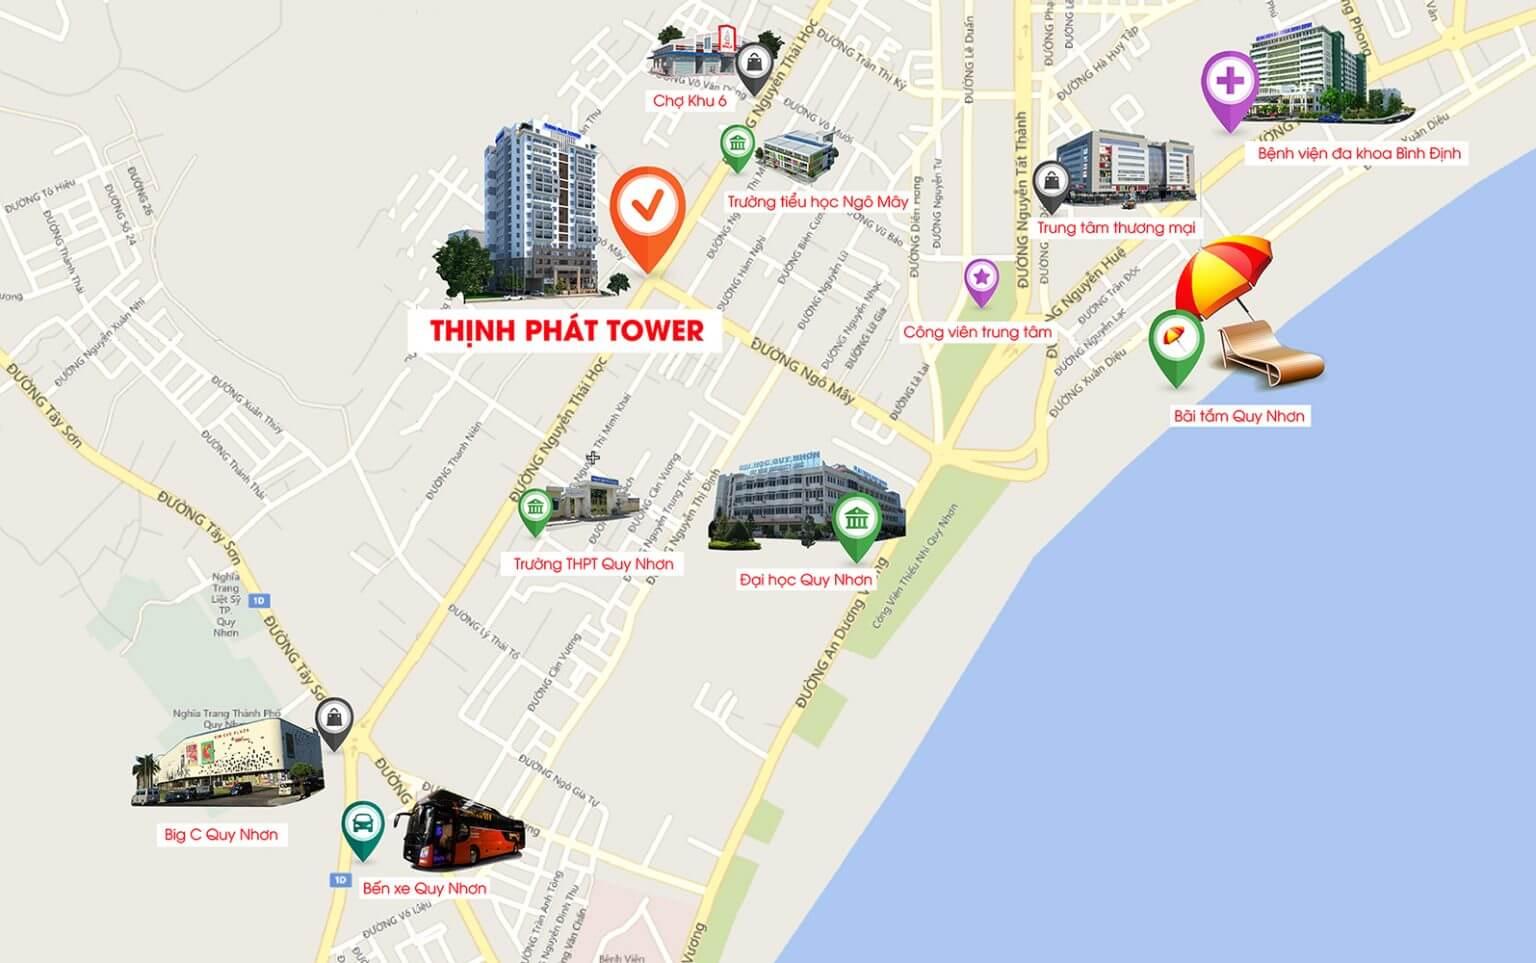 Thịnh Phát Tower